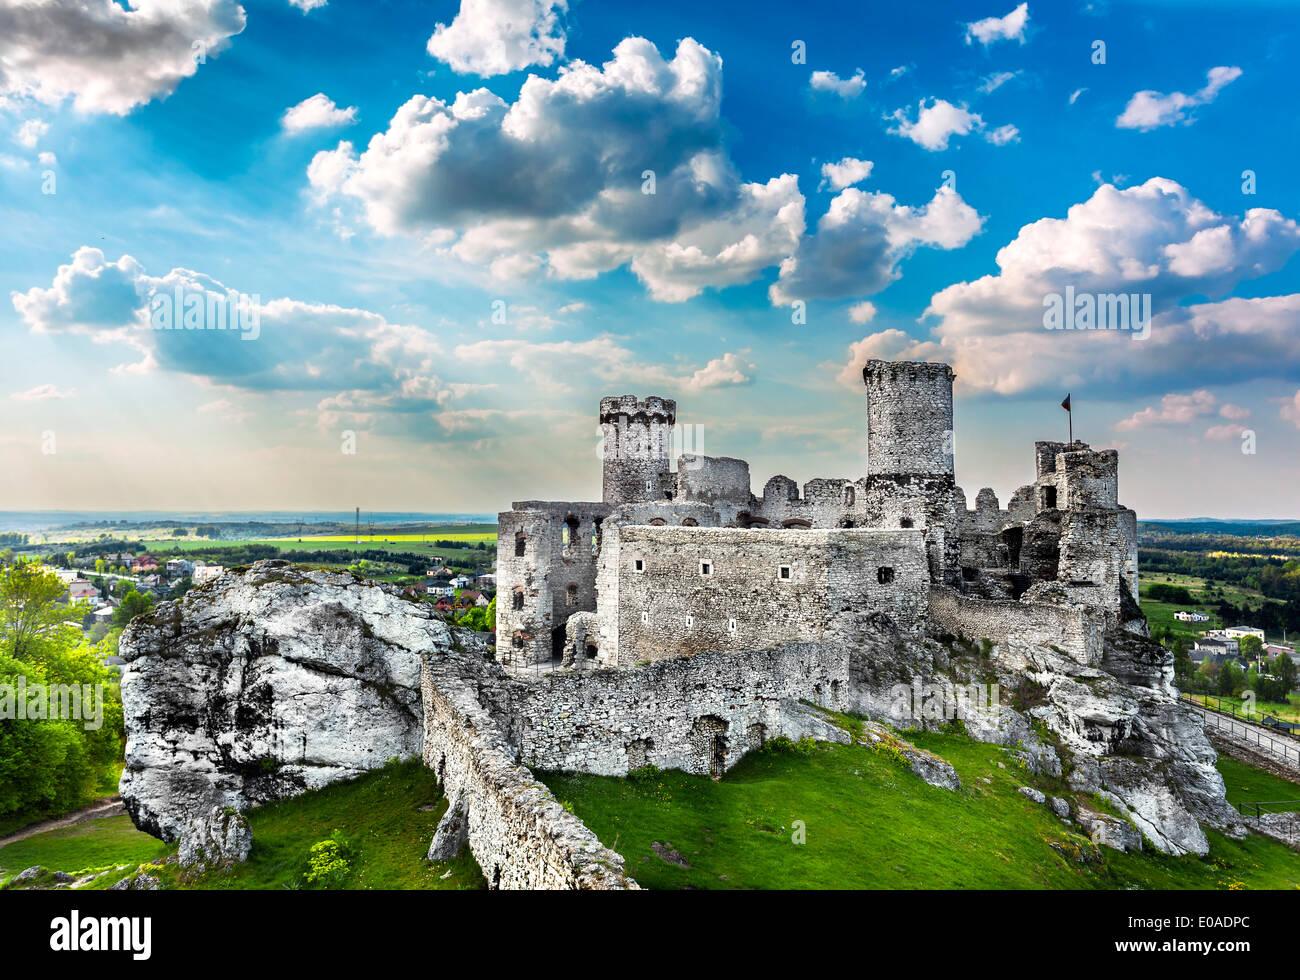 Las ruinas de un castillo, fortificaciones, Ogrodzieniec Polonia. Imagen De Stock